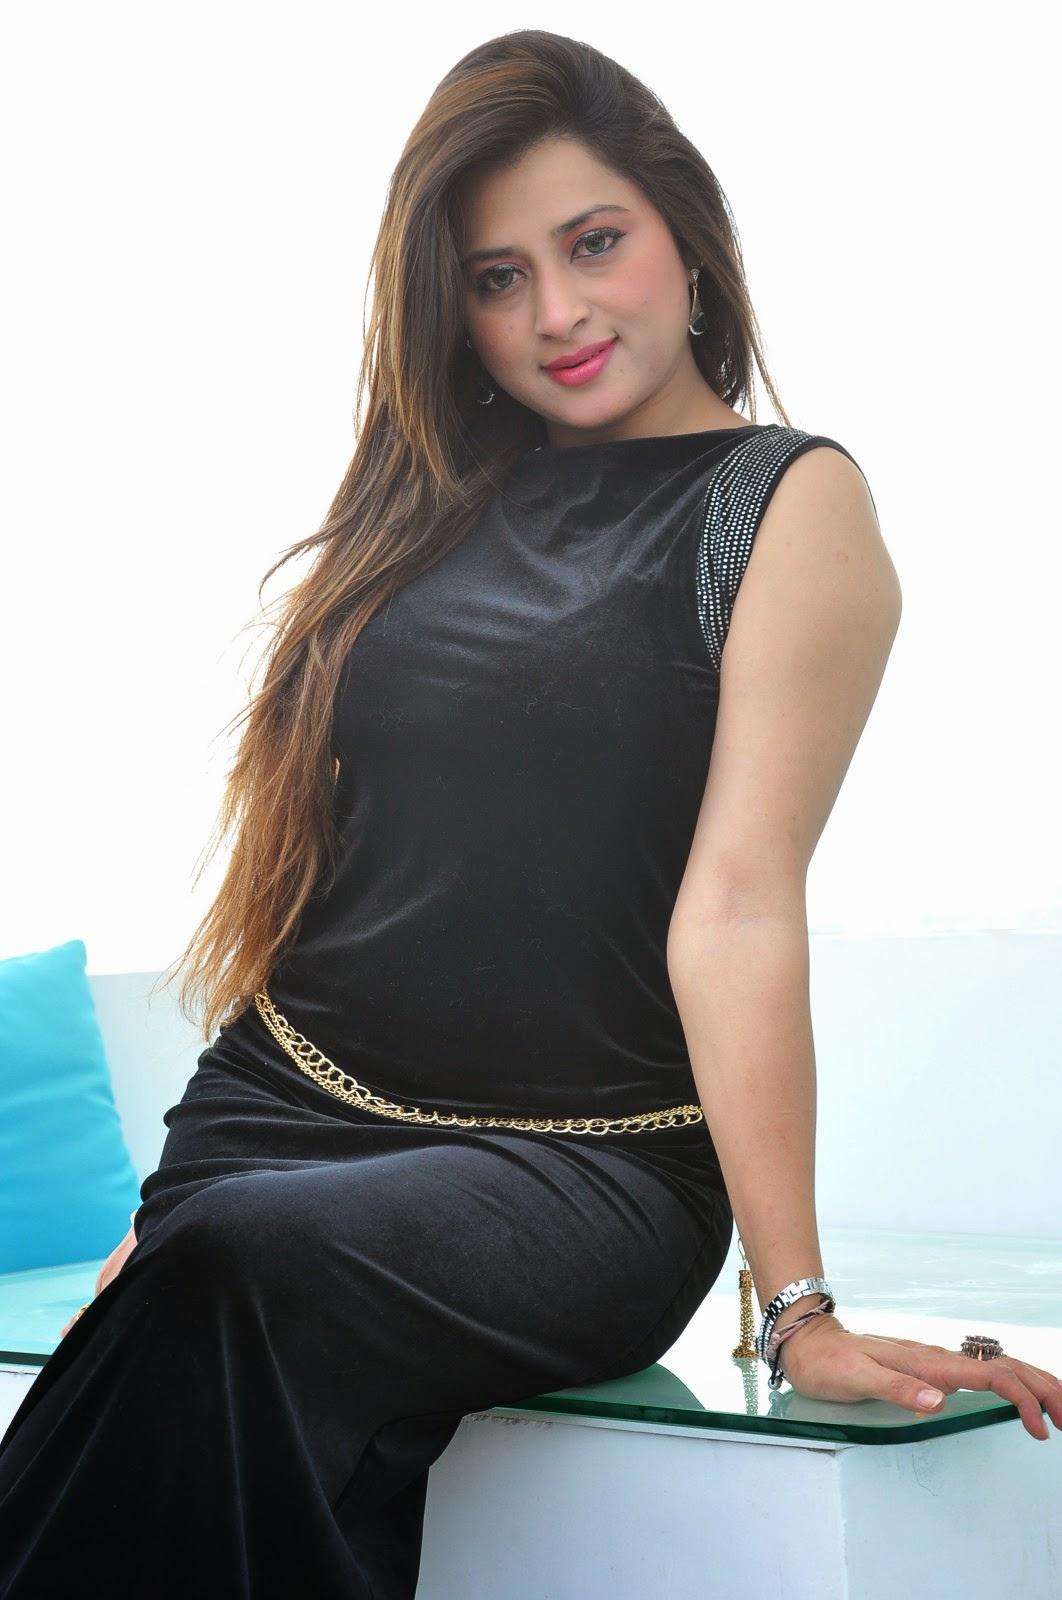 Farah khan glamorous photos-HQ-Photo-3